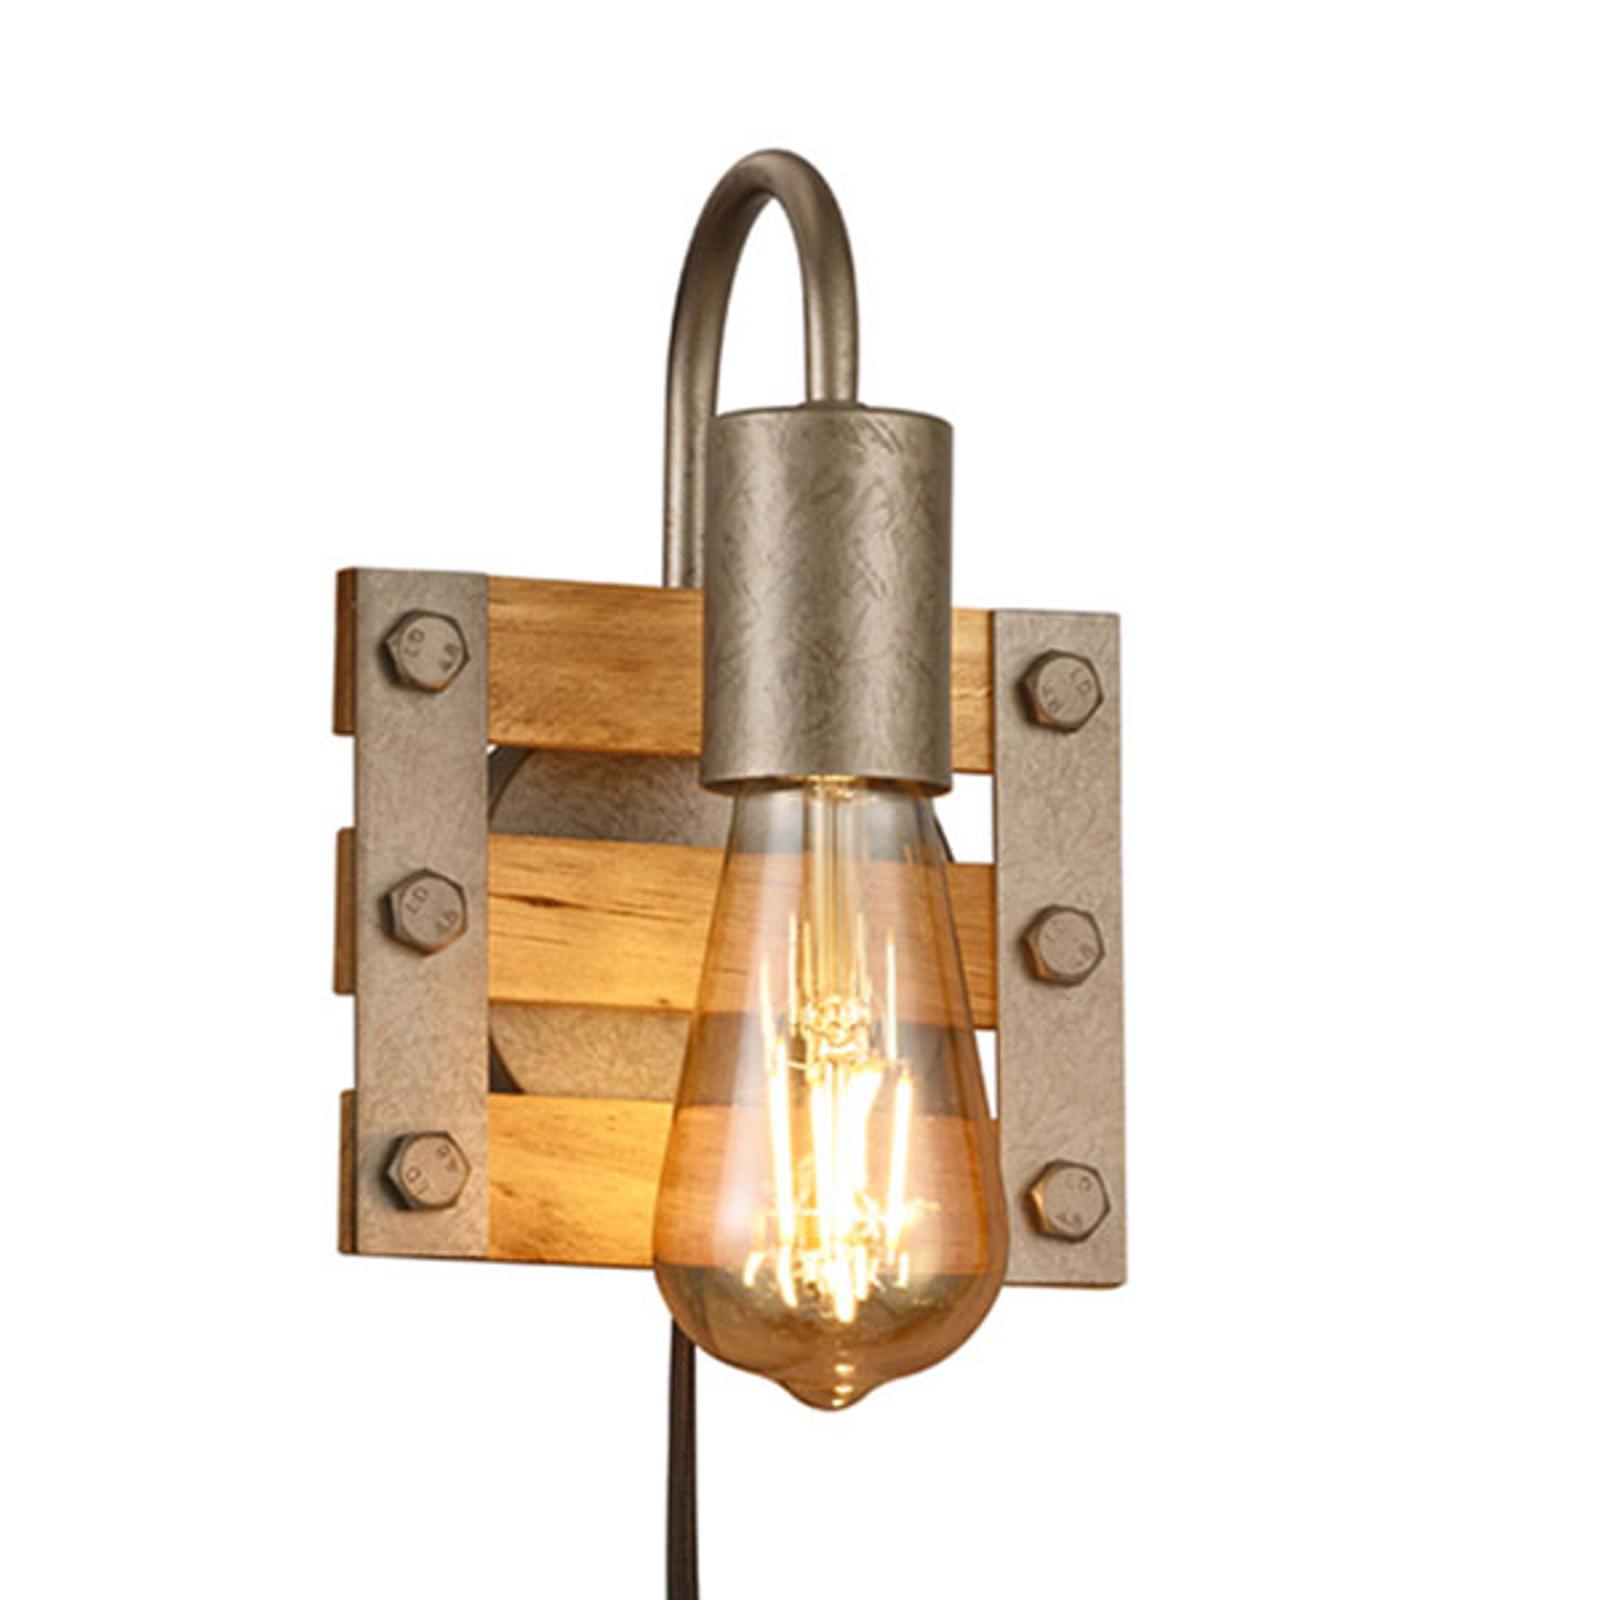 Vägglampa Khan, vintage, kabel + kontakt, 1 lampa